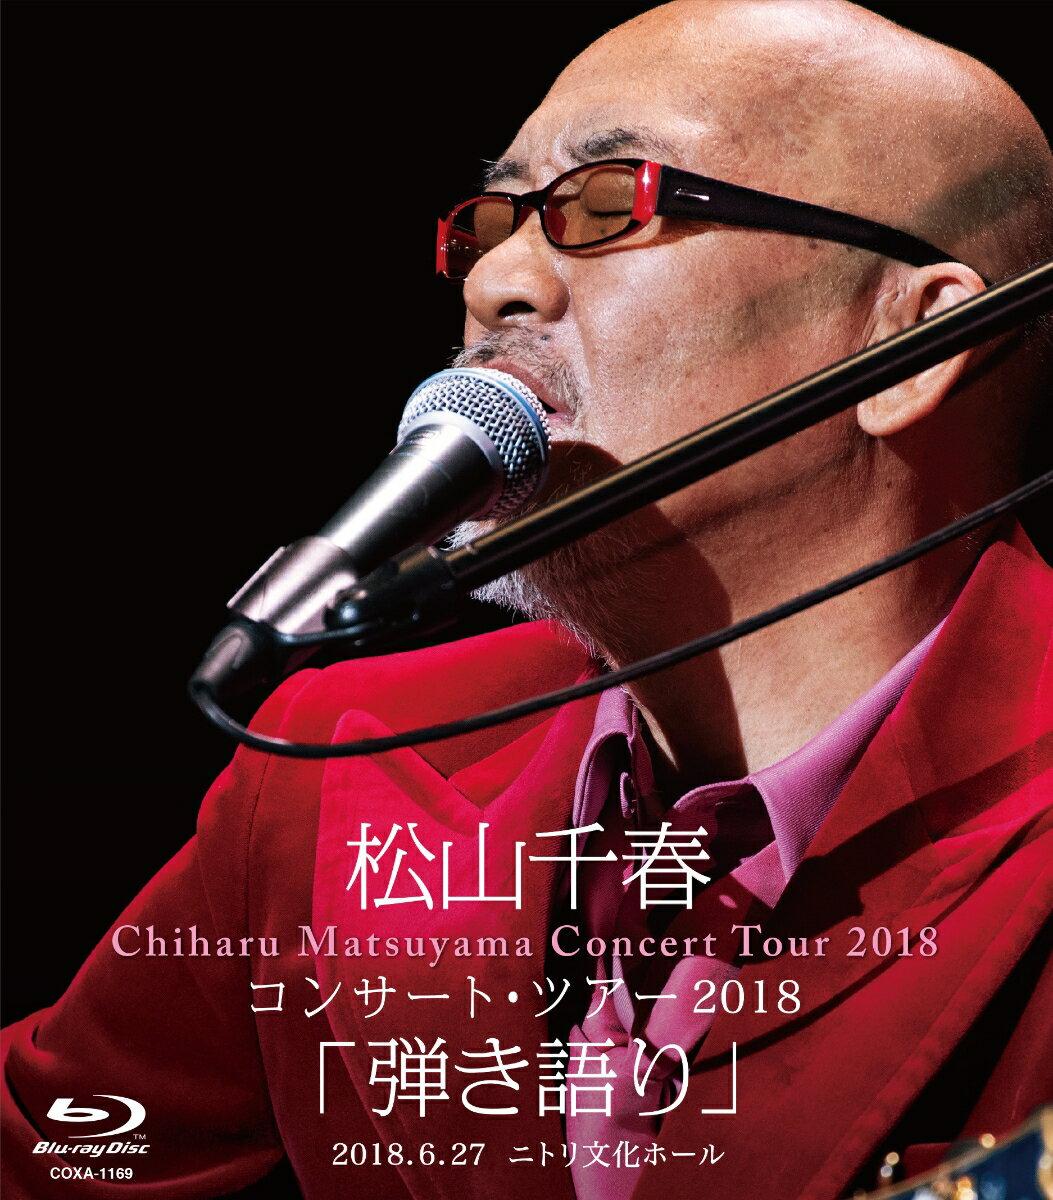 松山千春コンサート・ツアー2018 「弾き語り」 2018.6.27 ニトリ文化ホール【Blu-ray】